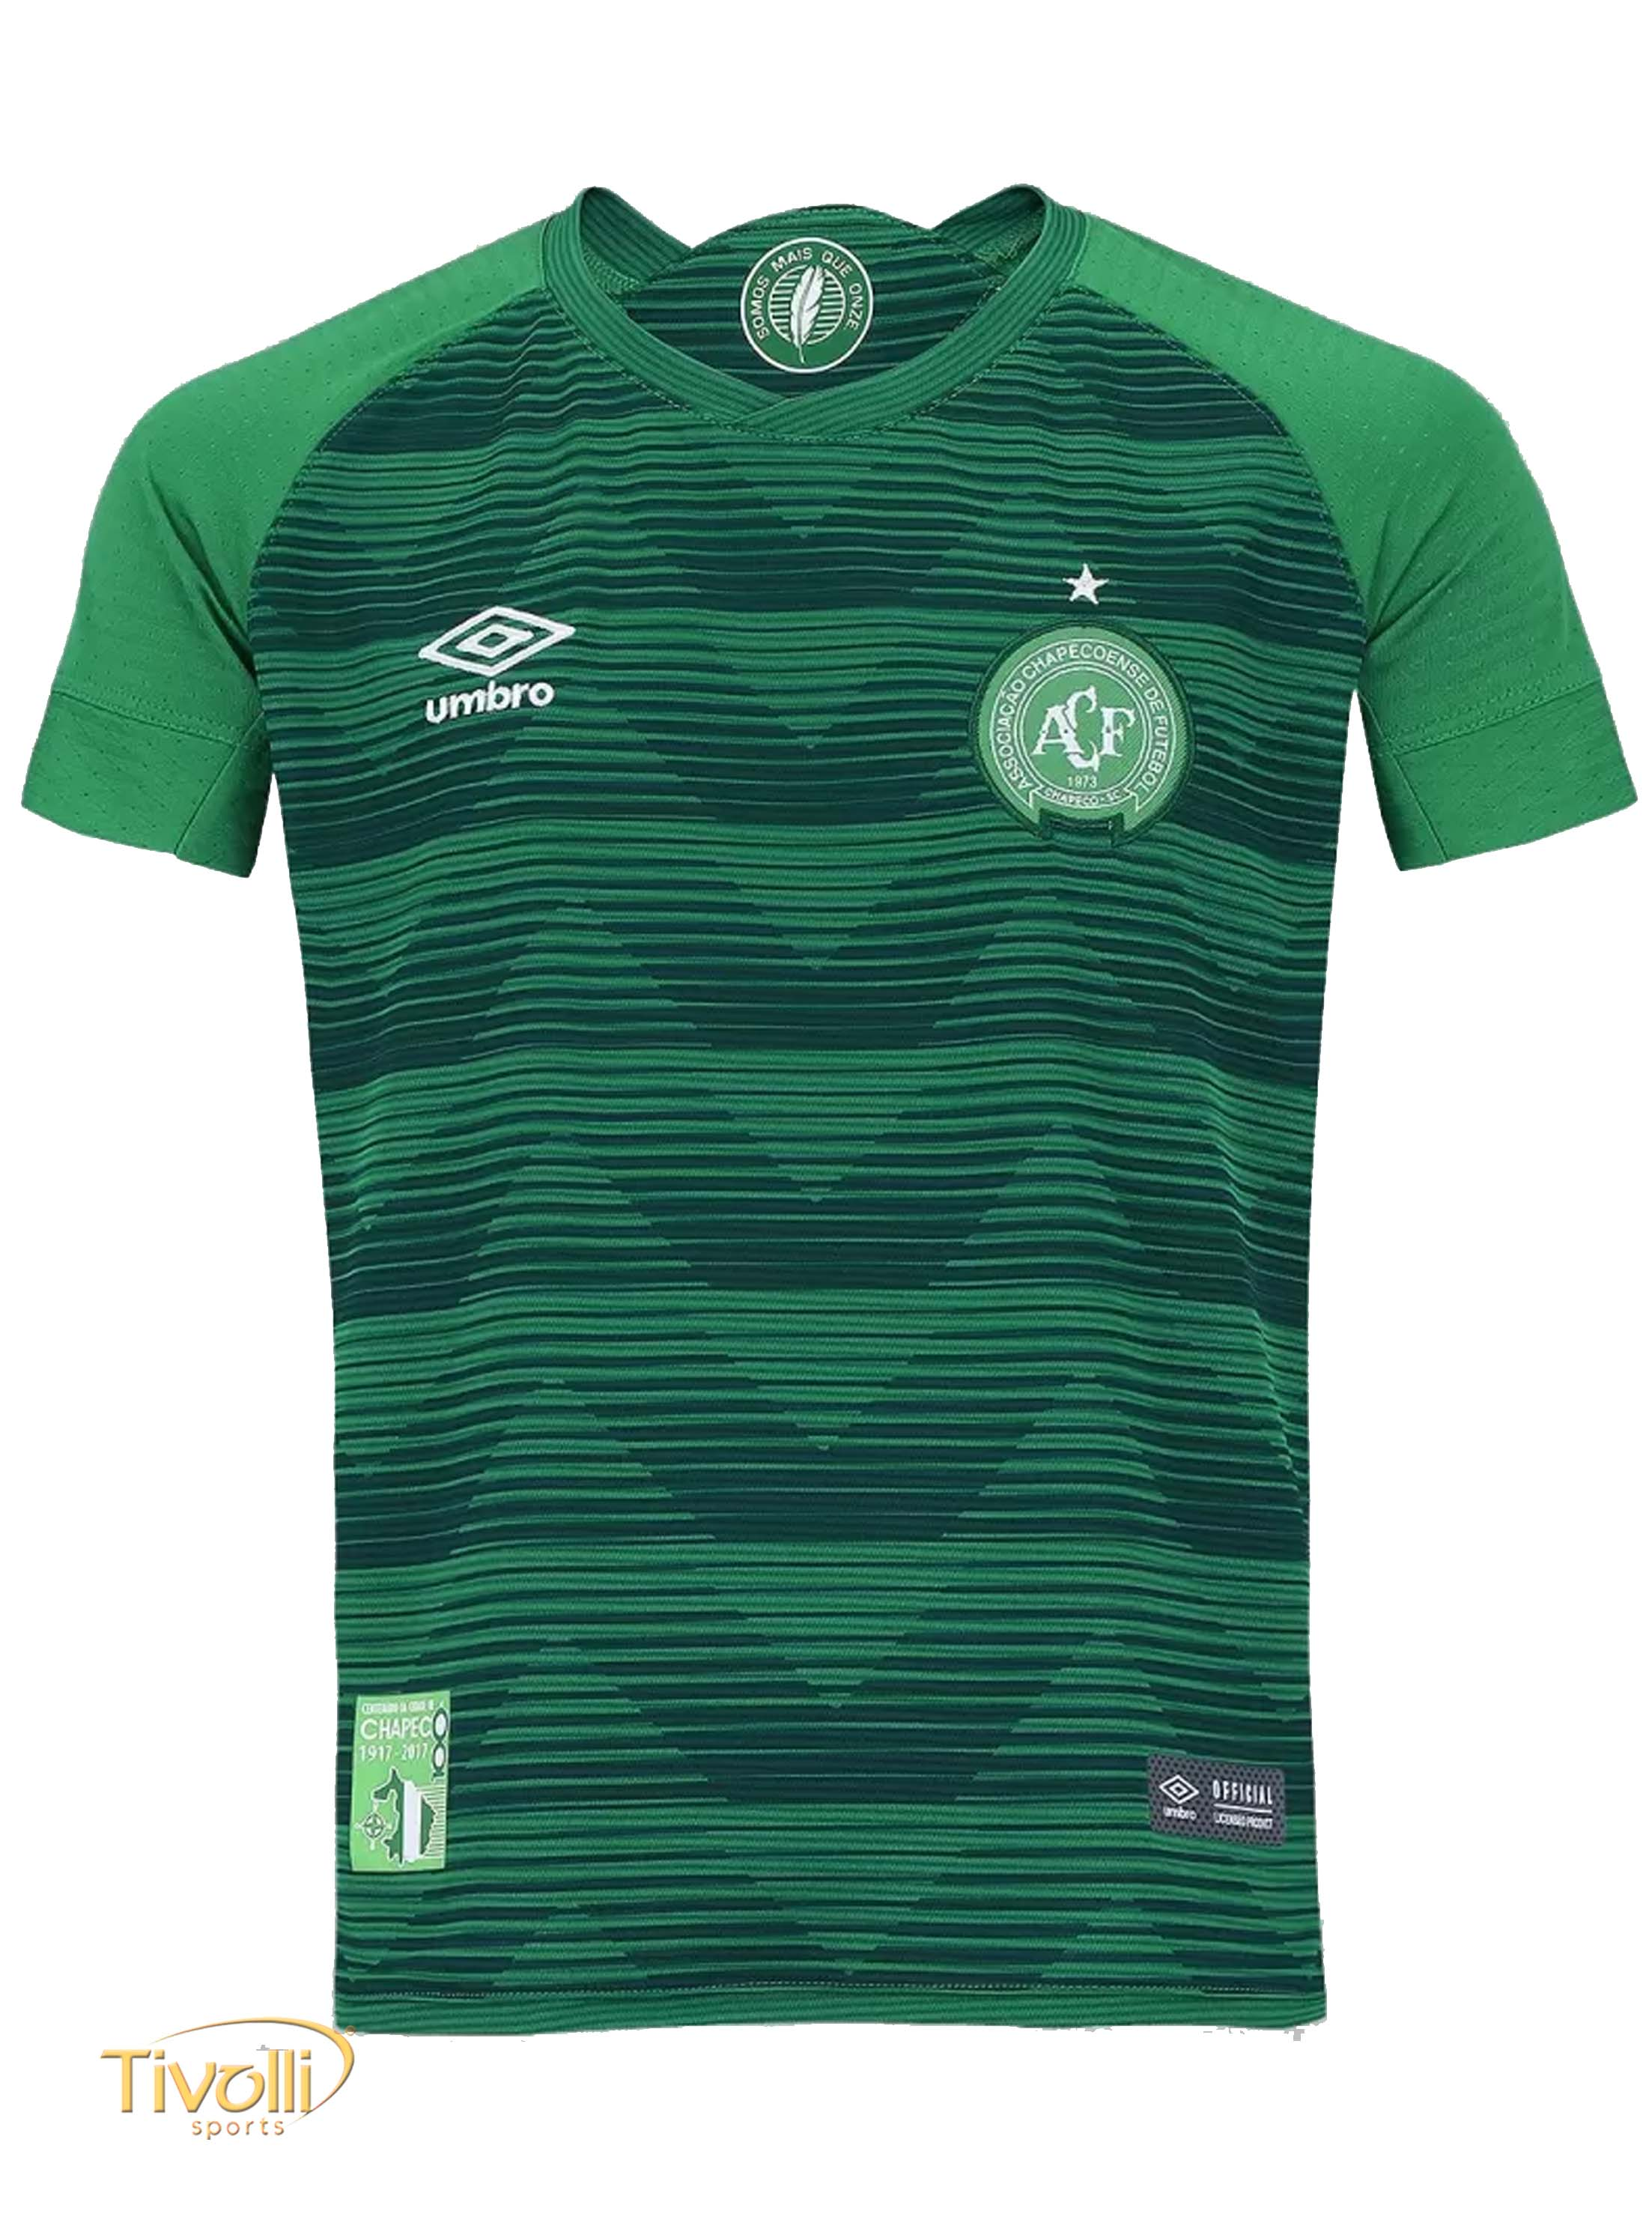 Camisa Chapecoense I Home 2017 2018 Umbro Infantil 937ce61e618e6